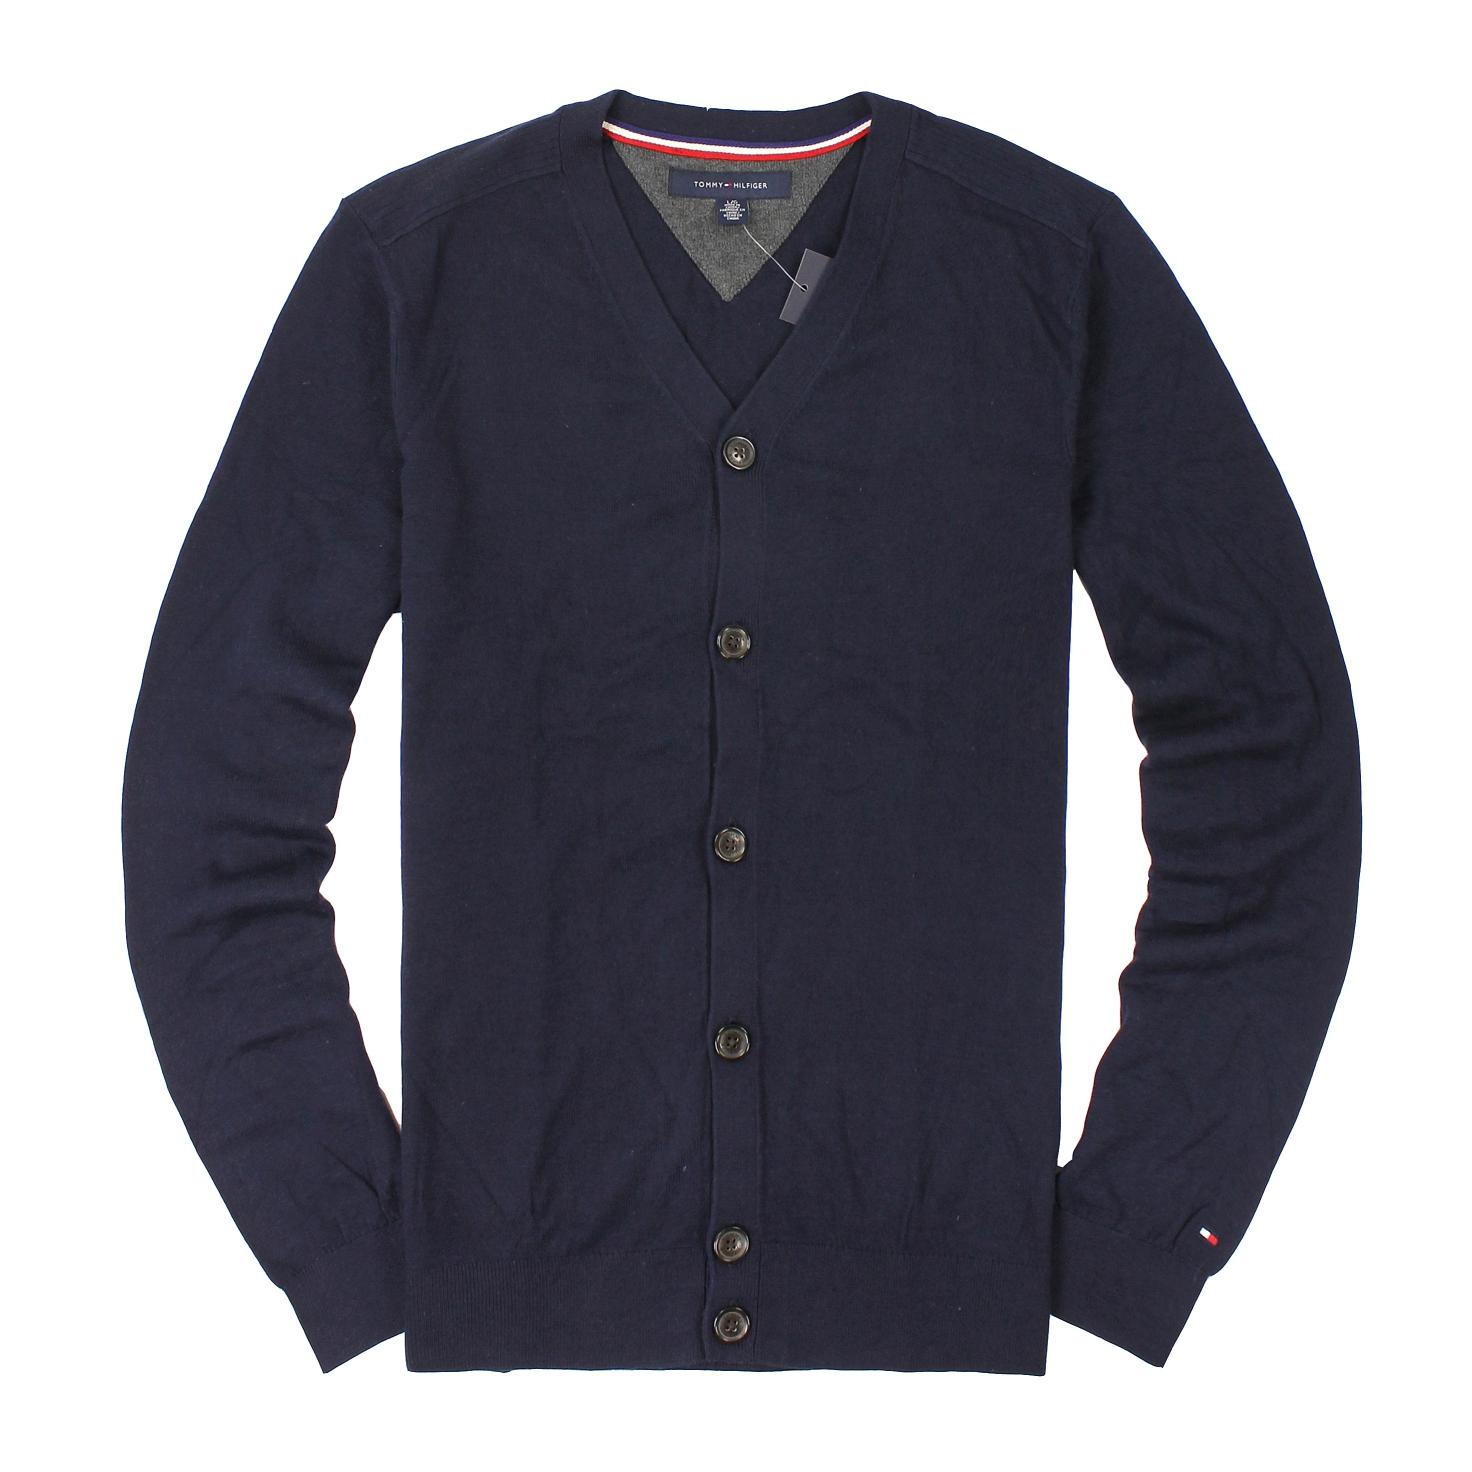 美國百分百【全新真品】Tommy Hilfiger 針織衫 TH 罩衫 線衫 開襟 外套 深藍 素面 大尺 男 L XL號 A786